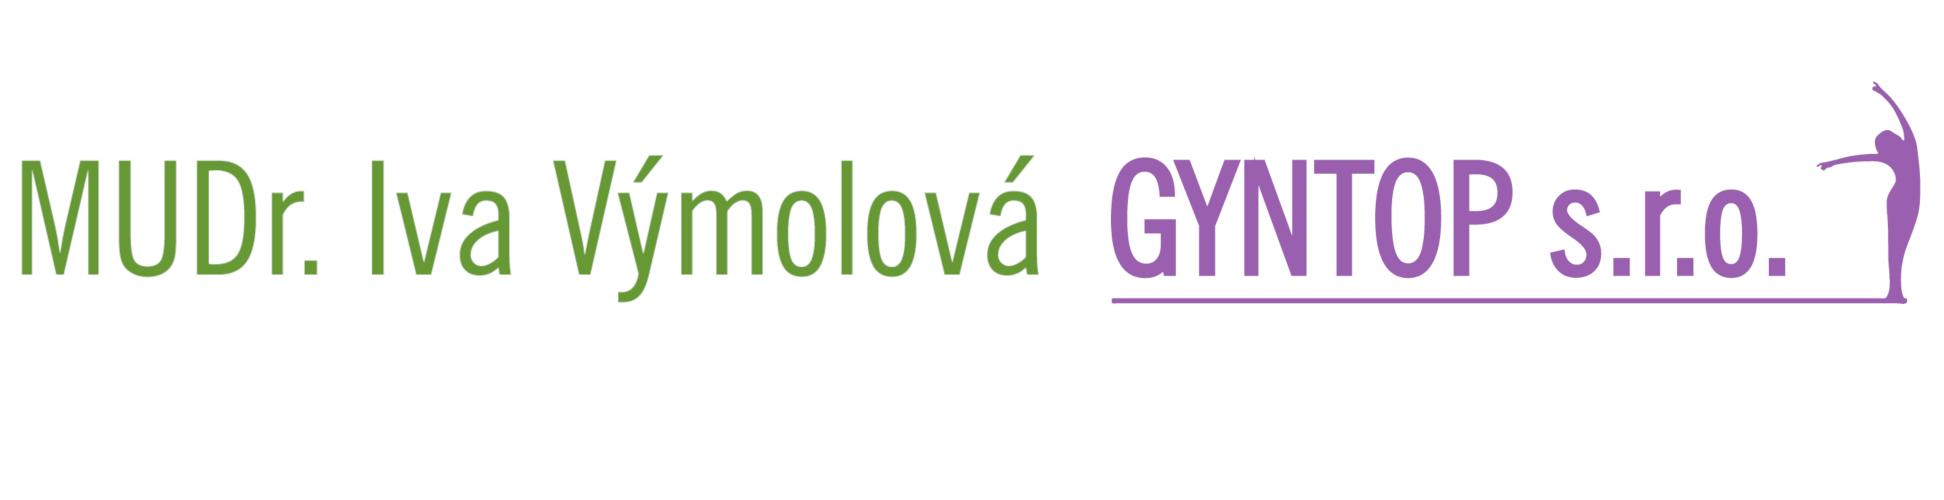 MUDr. Iva Výmolová – GYNTOP s.r.o.